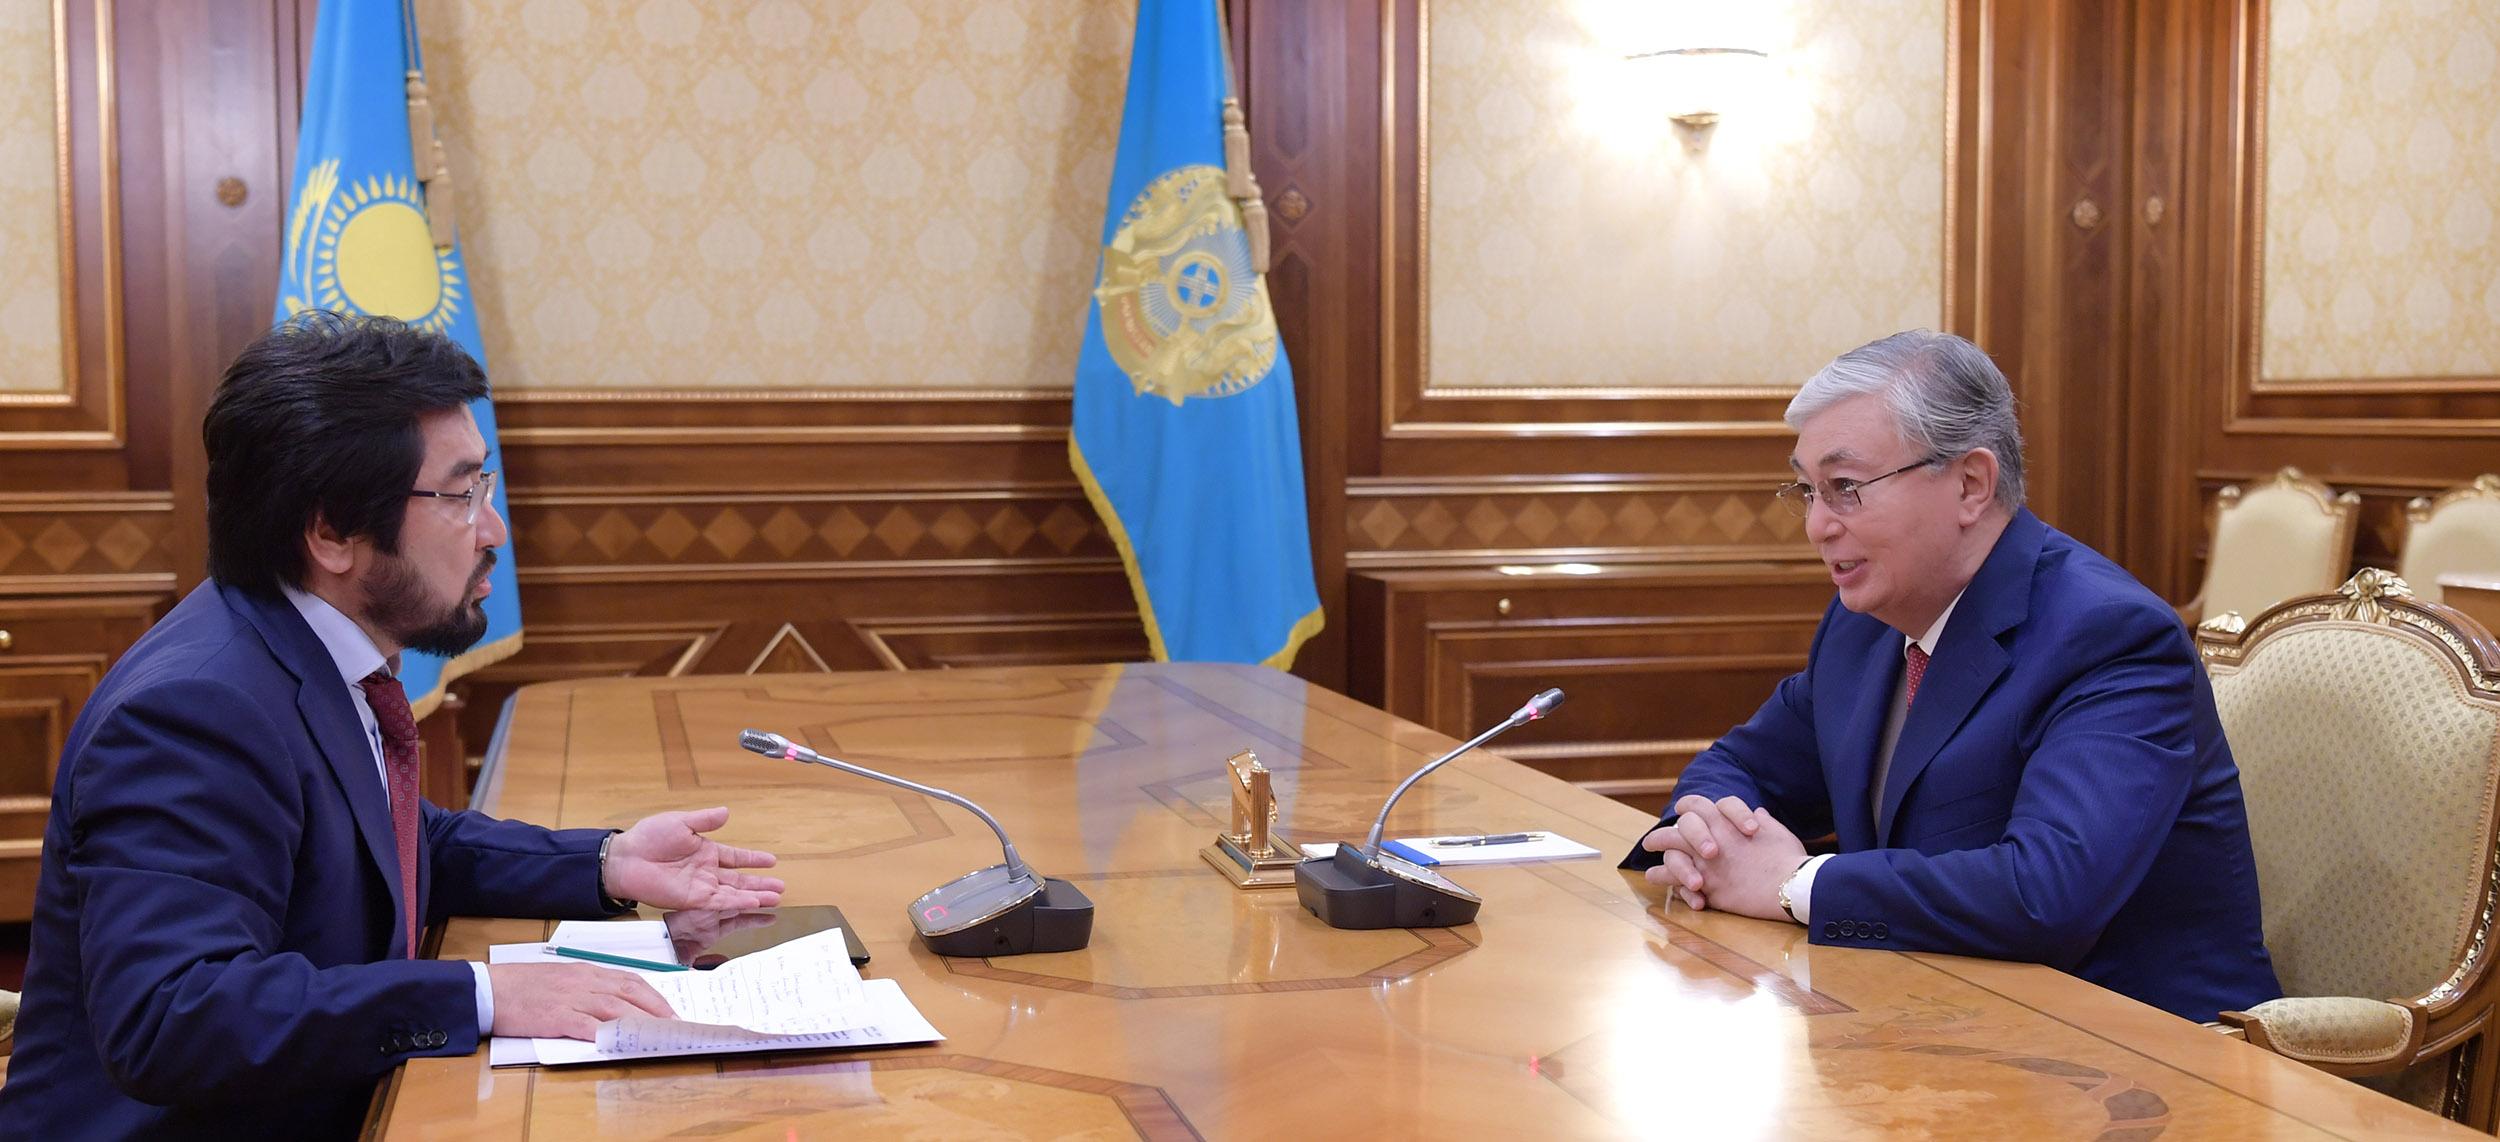 Касым-Жомарт Токаев Бекболат Тлеухан